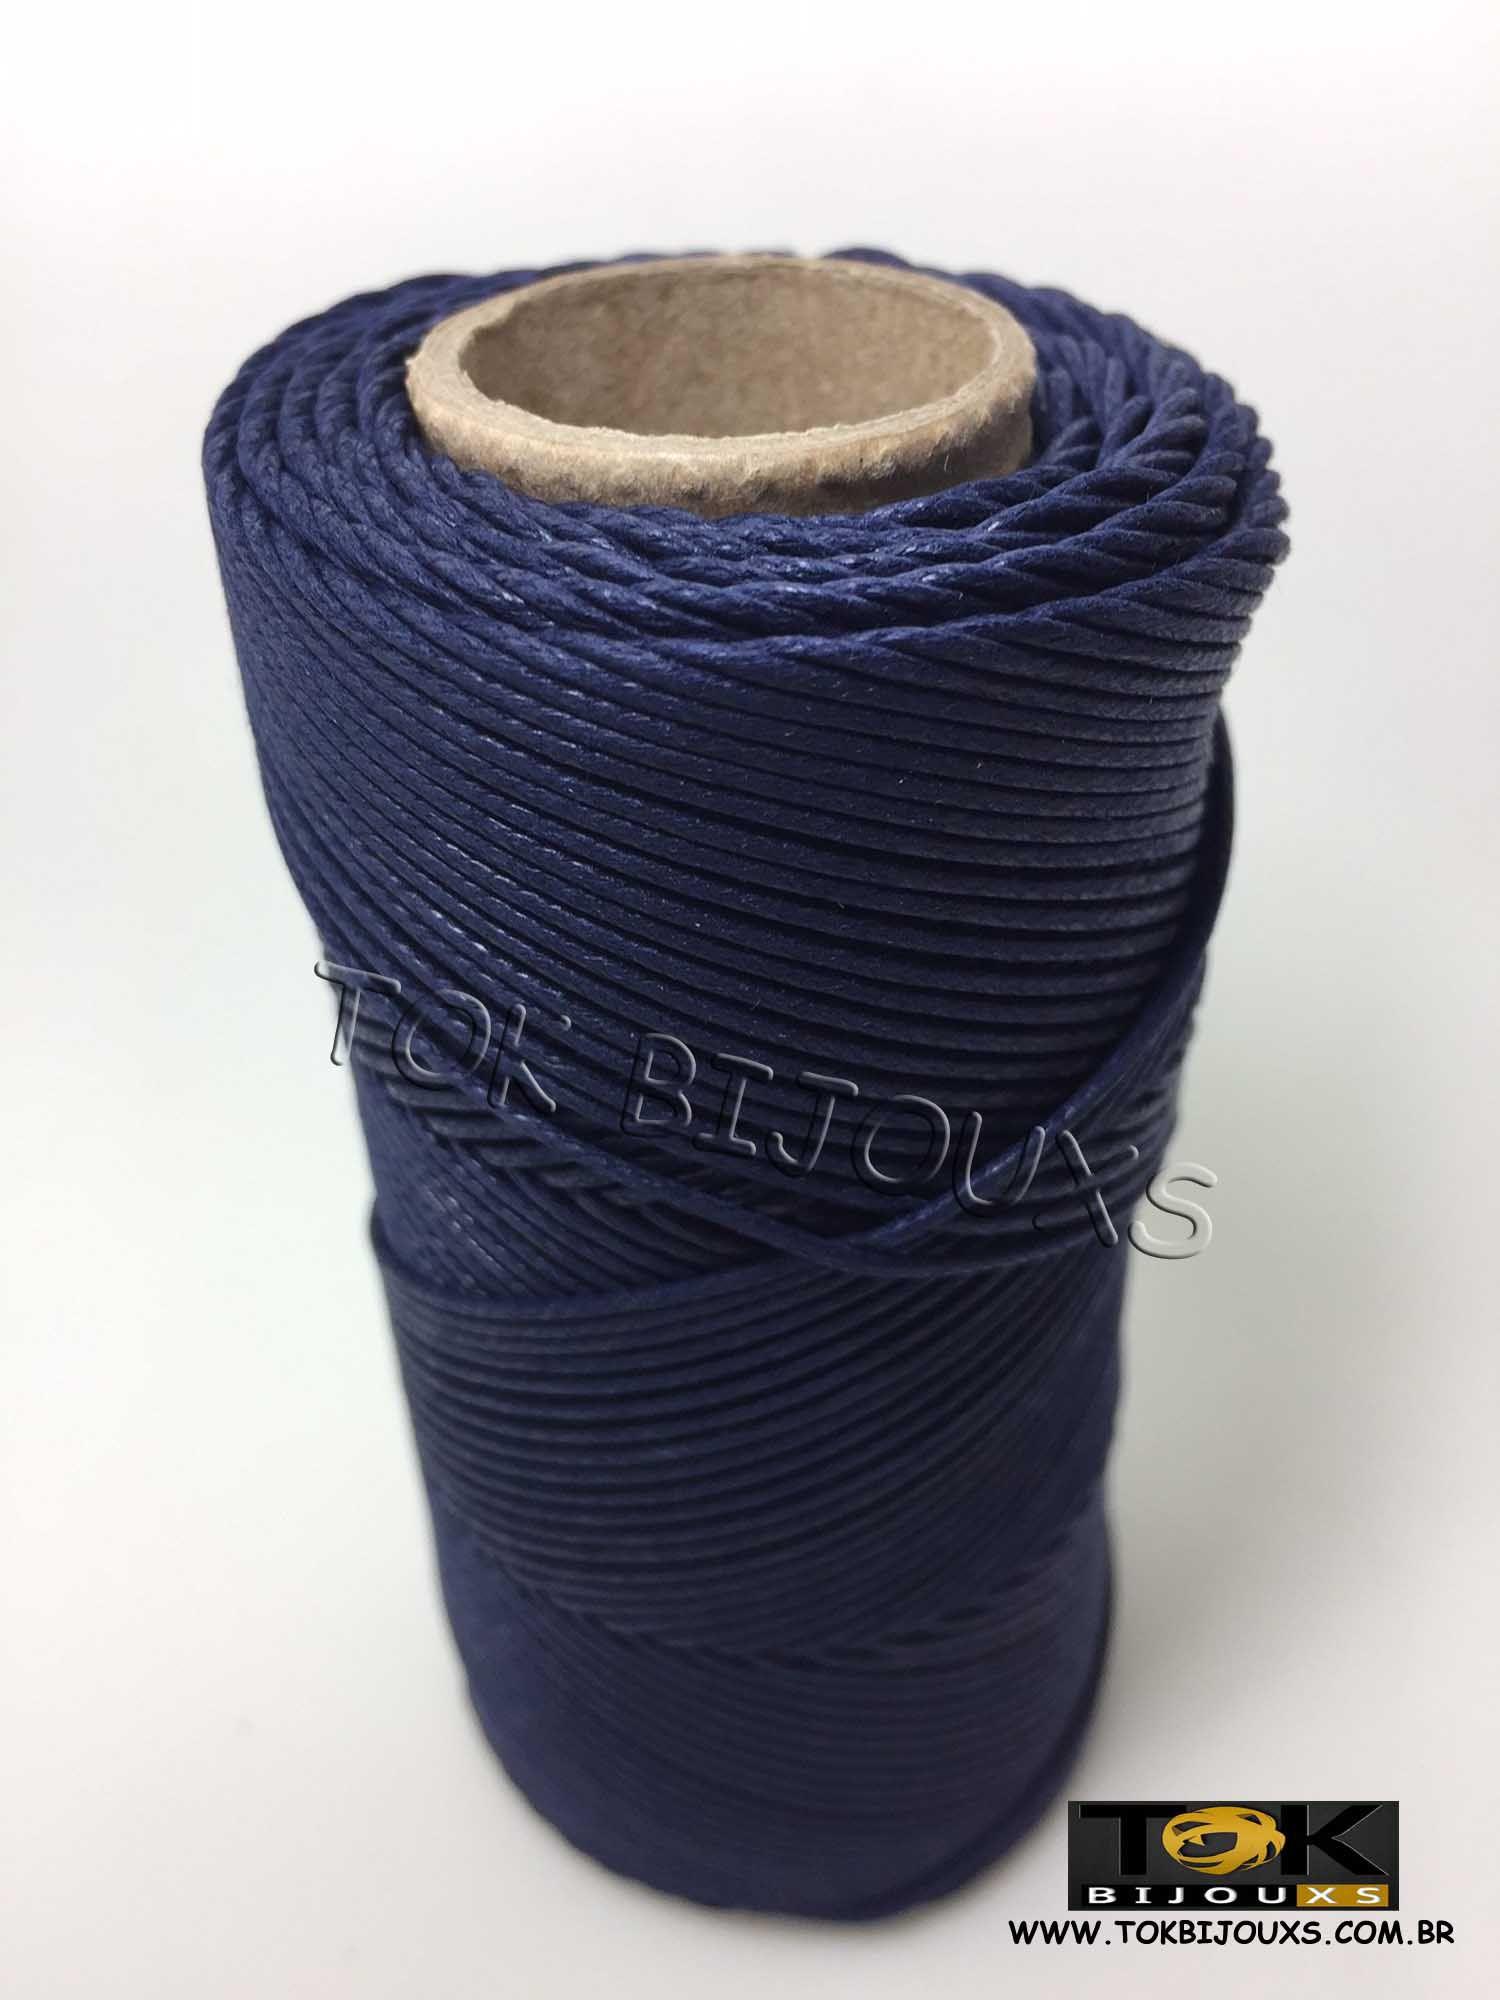 Cordão Encerado Algodão - 2mm - Azul Marinho